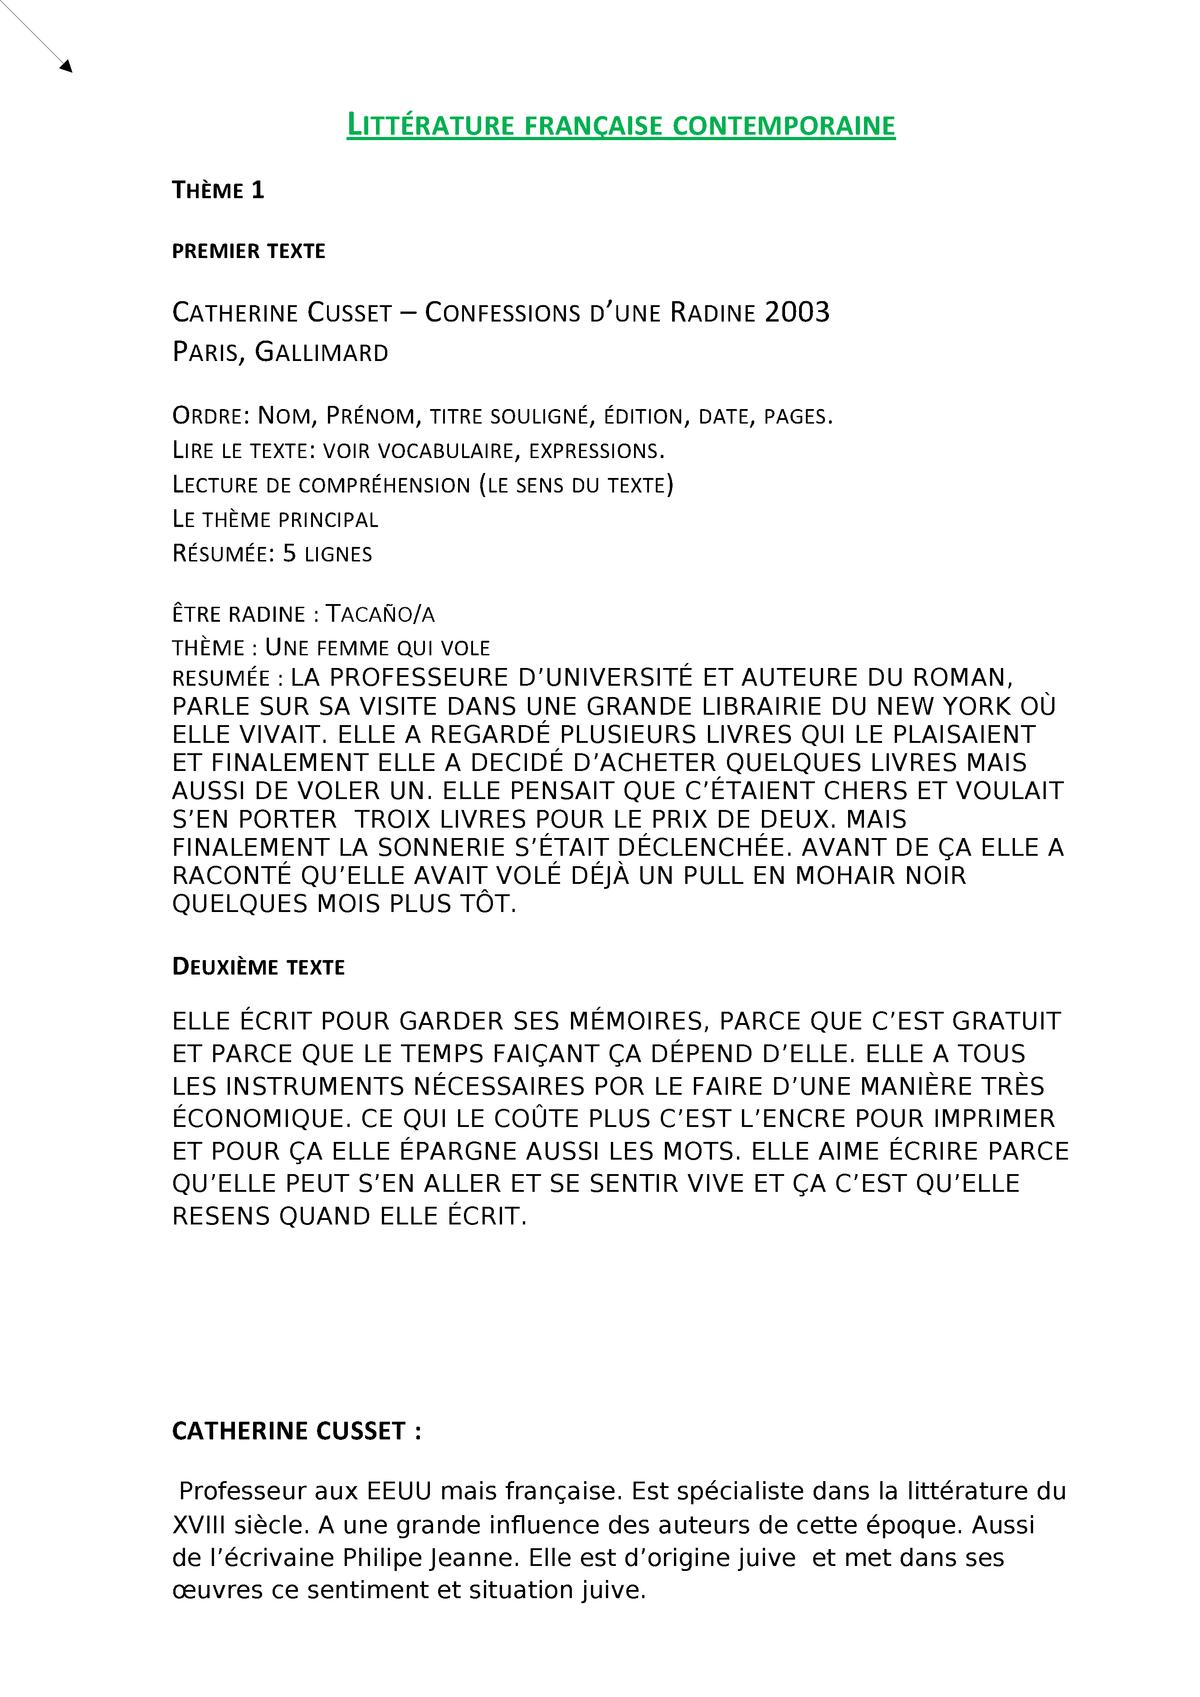 Litterature Française Contemporaine 30514 Ua Studocu